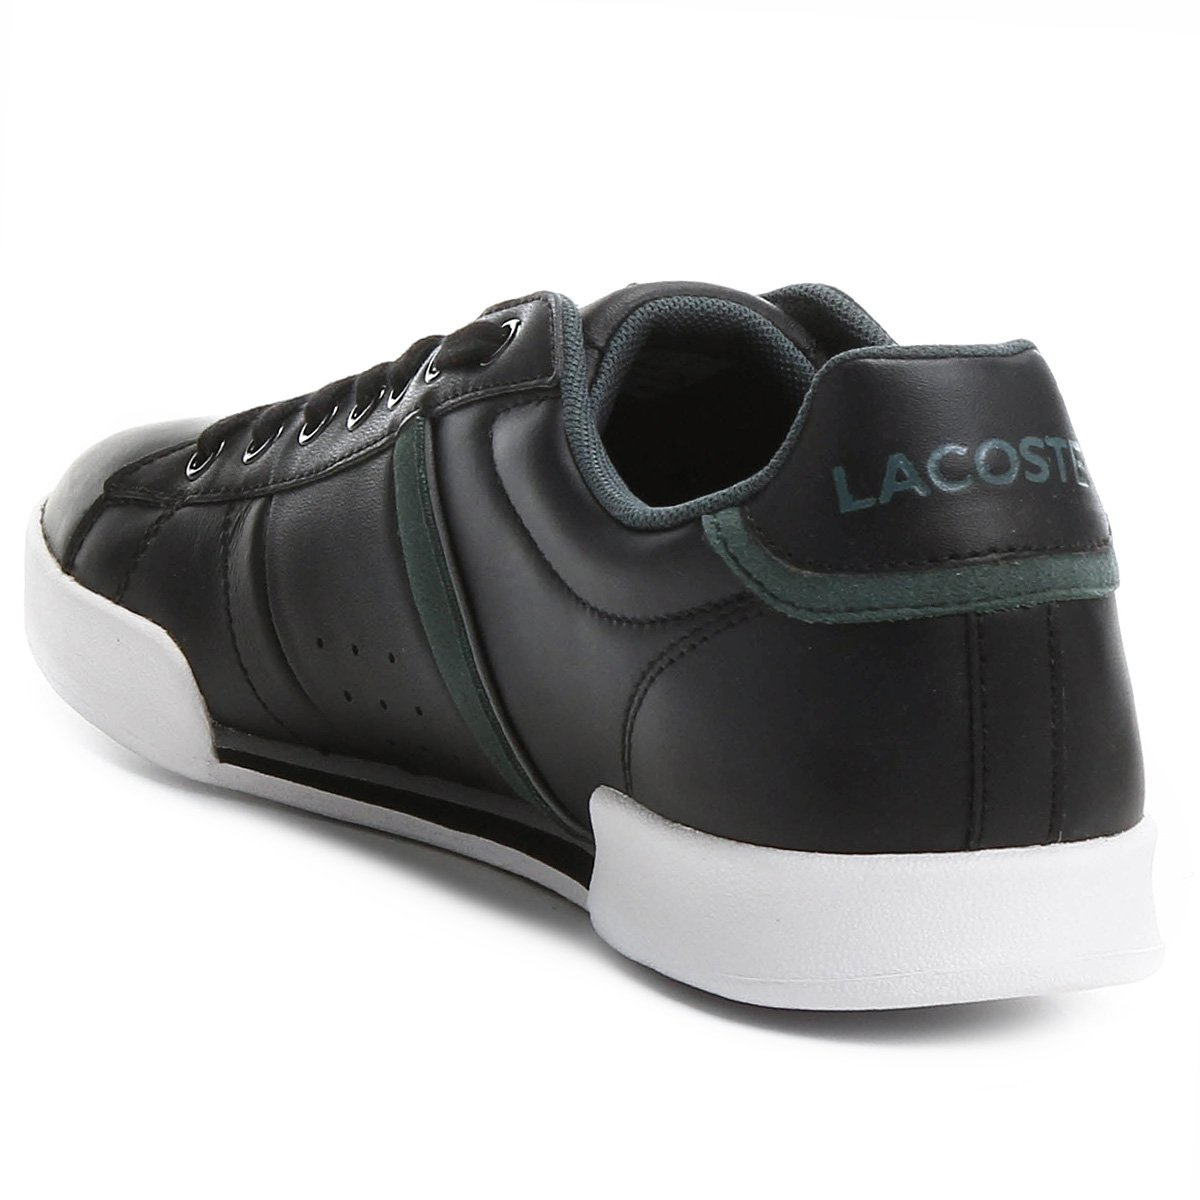 Tênis Lacoste Deston Put - Compre Agora   Netshoes 92f923d5f0